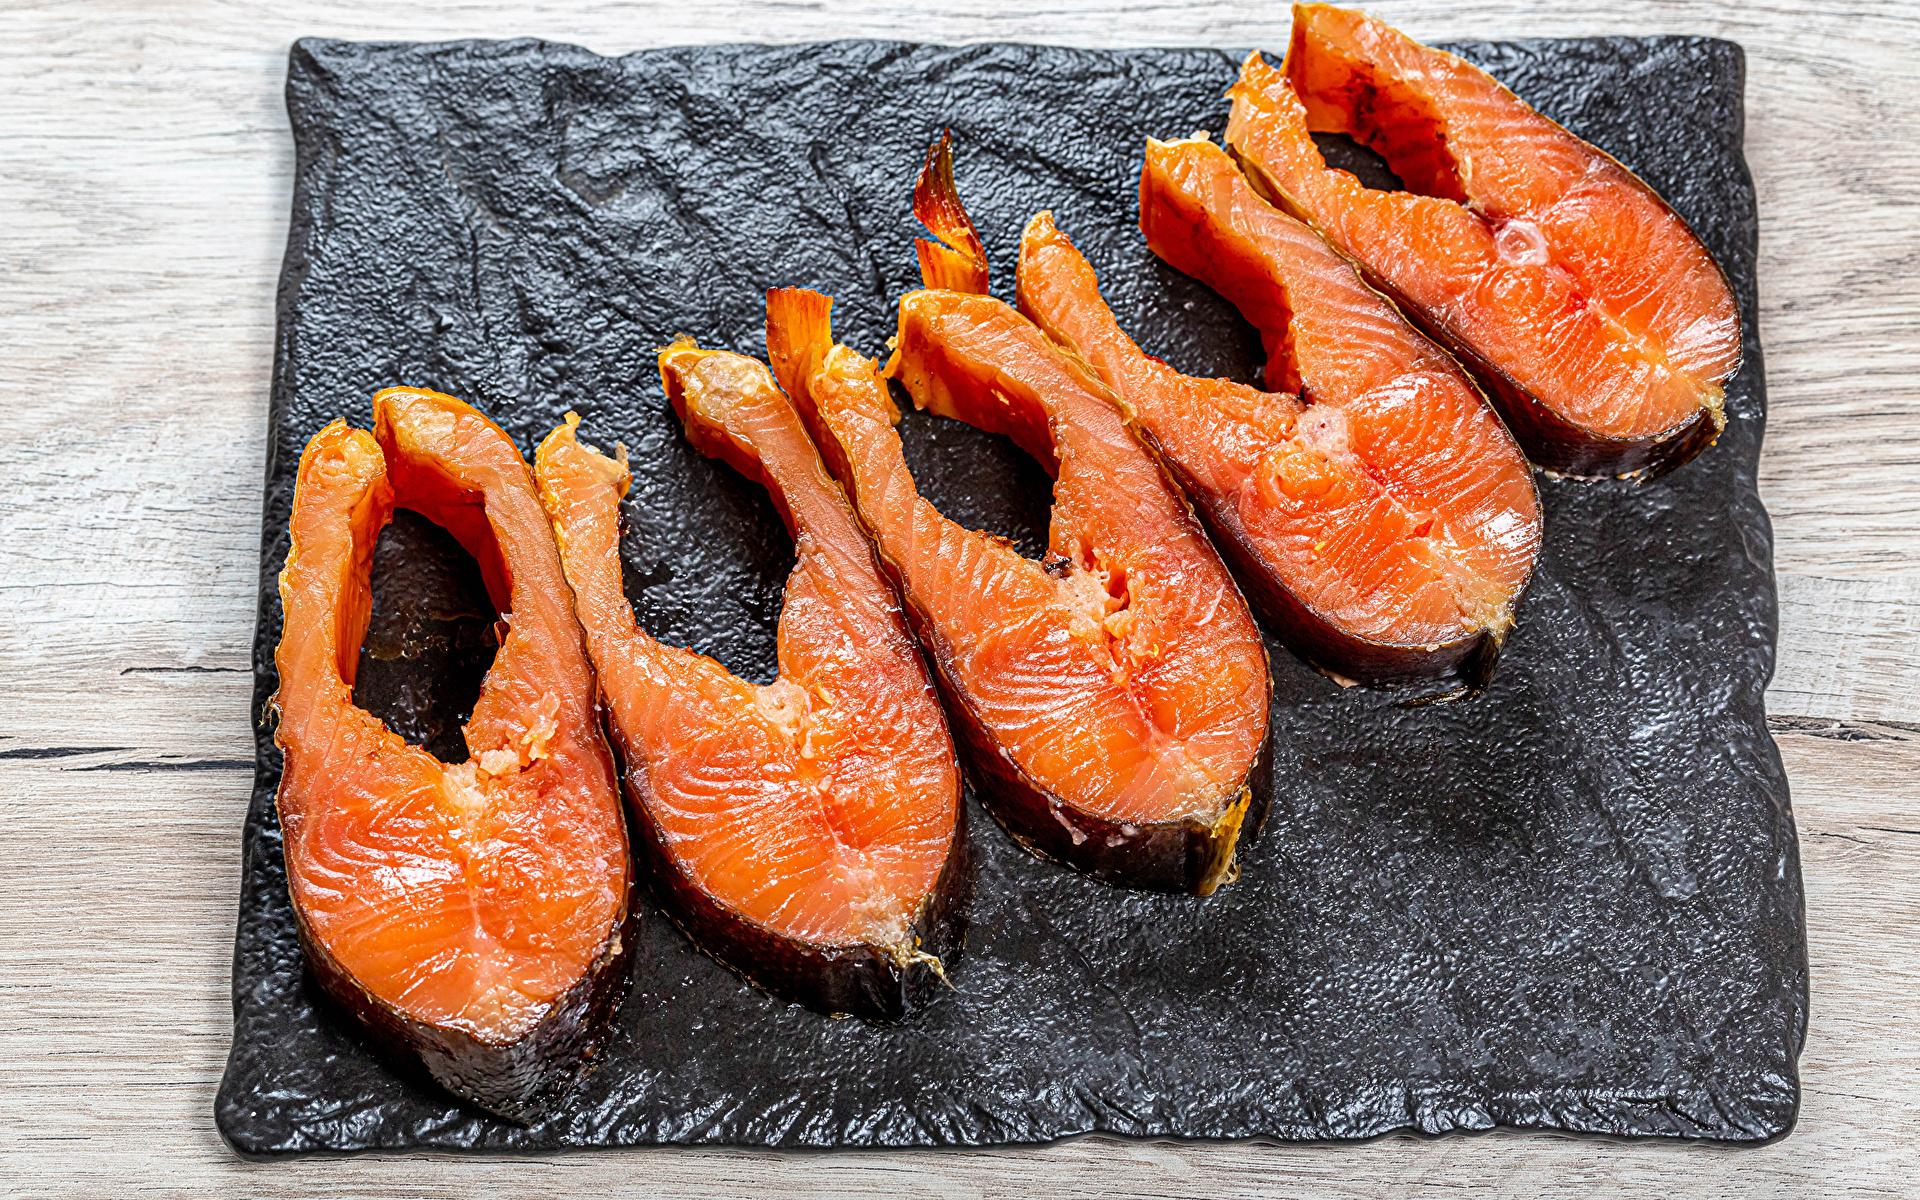 Обои для рабочего стола Рыба кусочки Еда 1920x1200 часть Кусок кусочек Пища Продукты питания